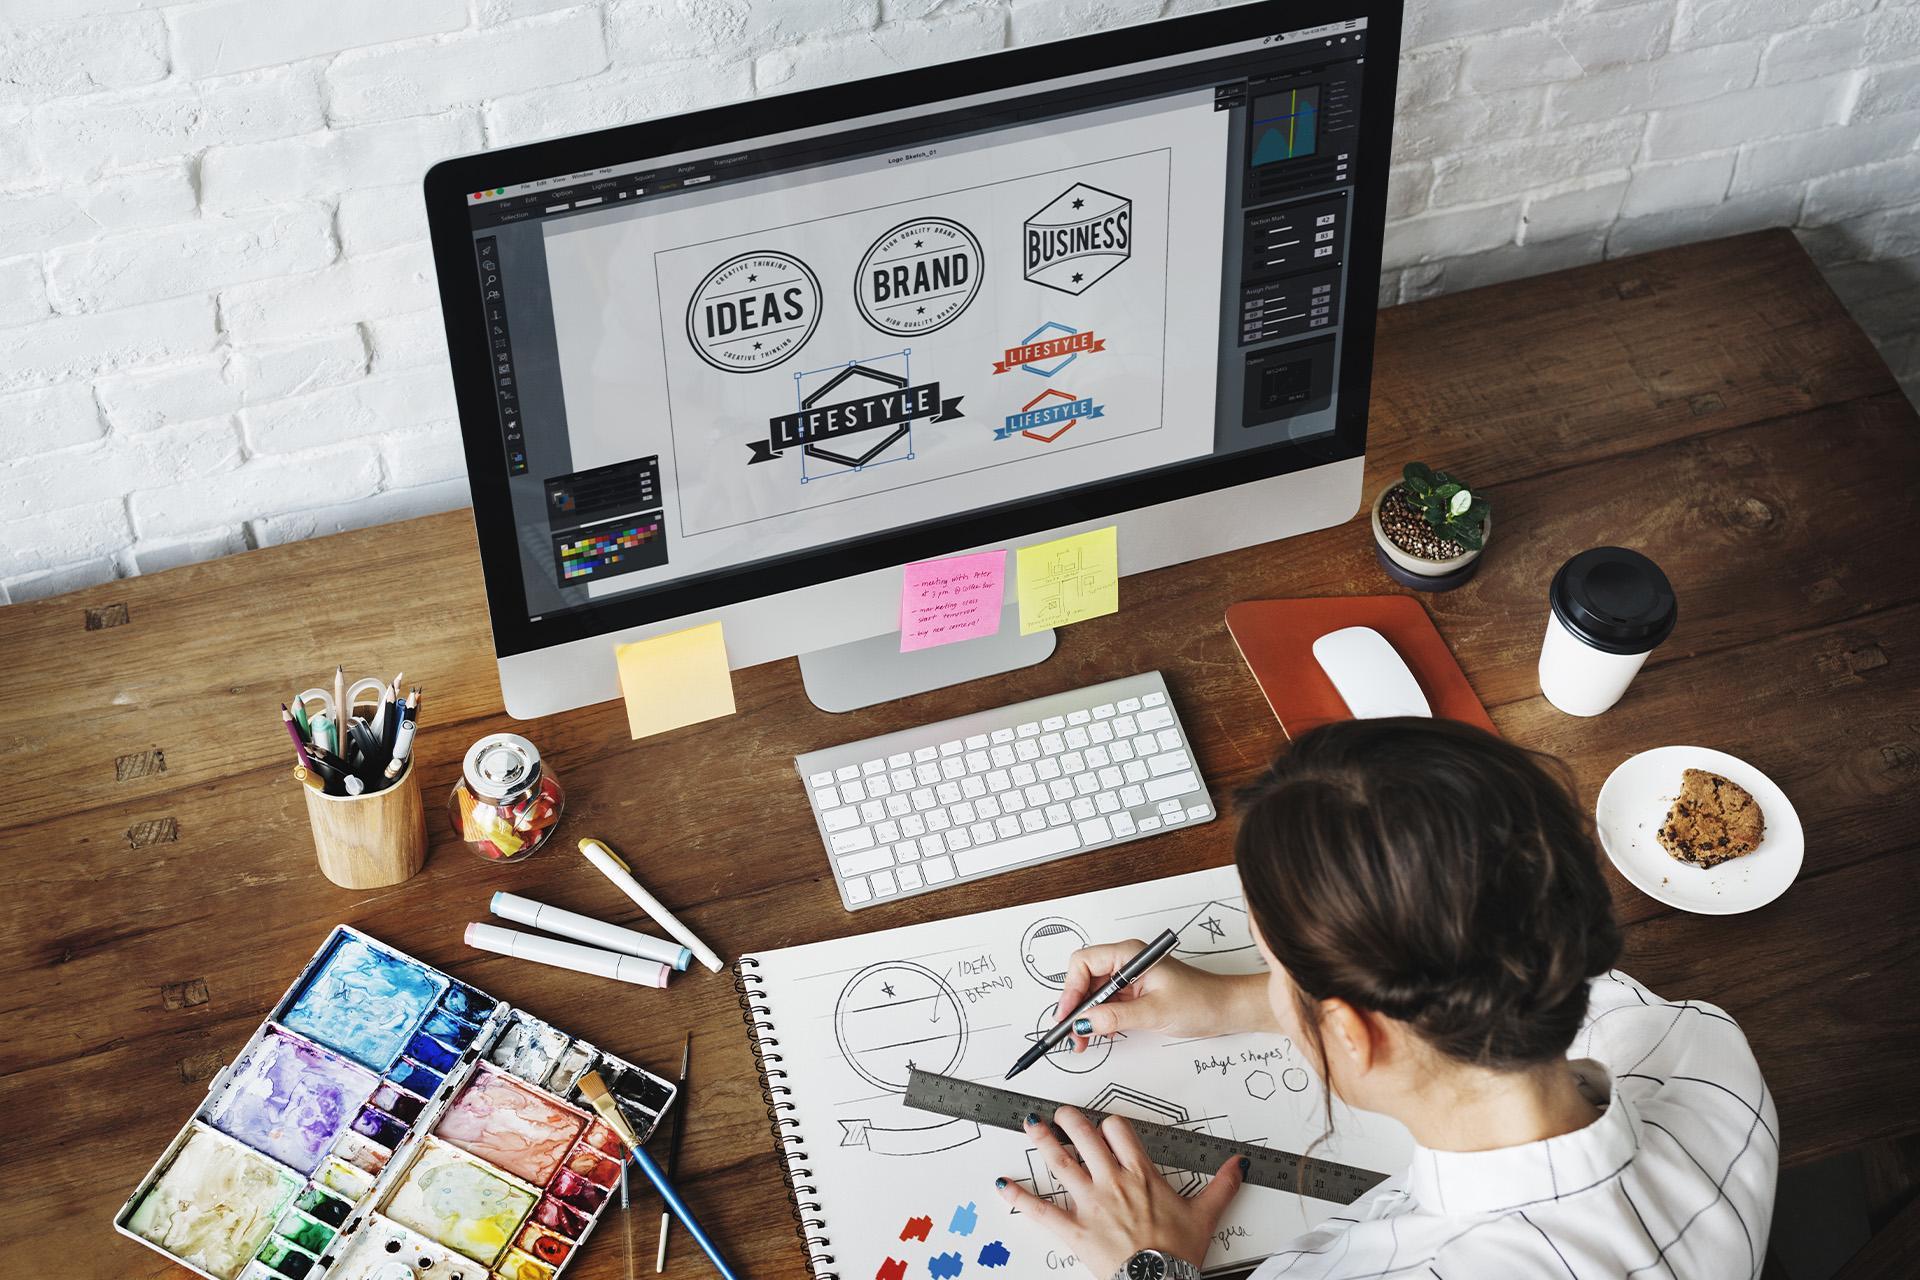 Diseñador gráfico bocetando y enfrente de su computadora con logos